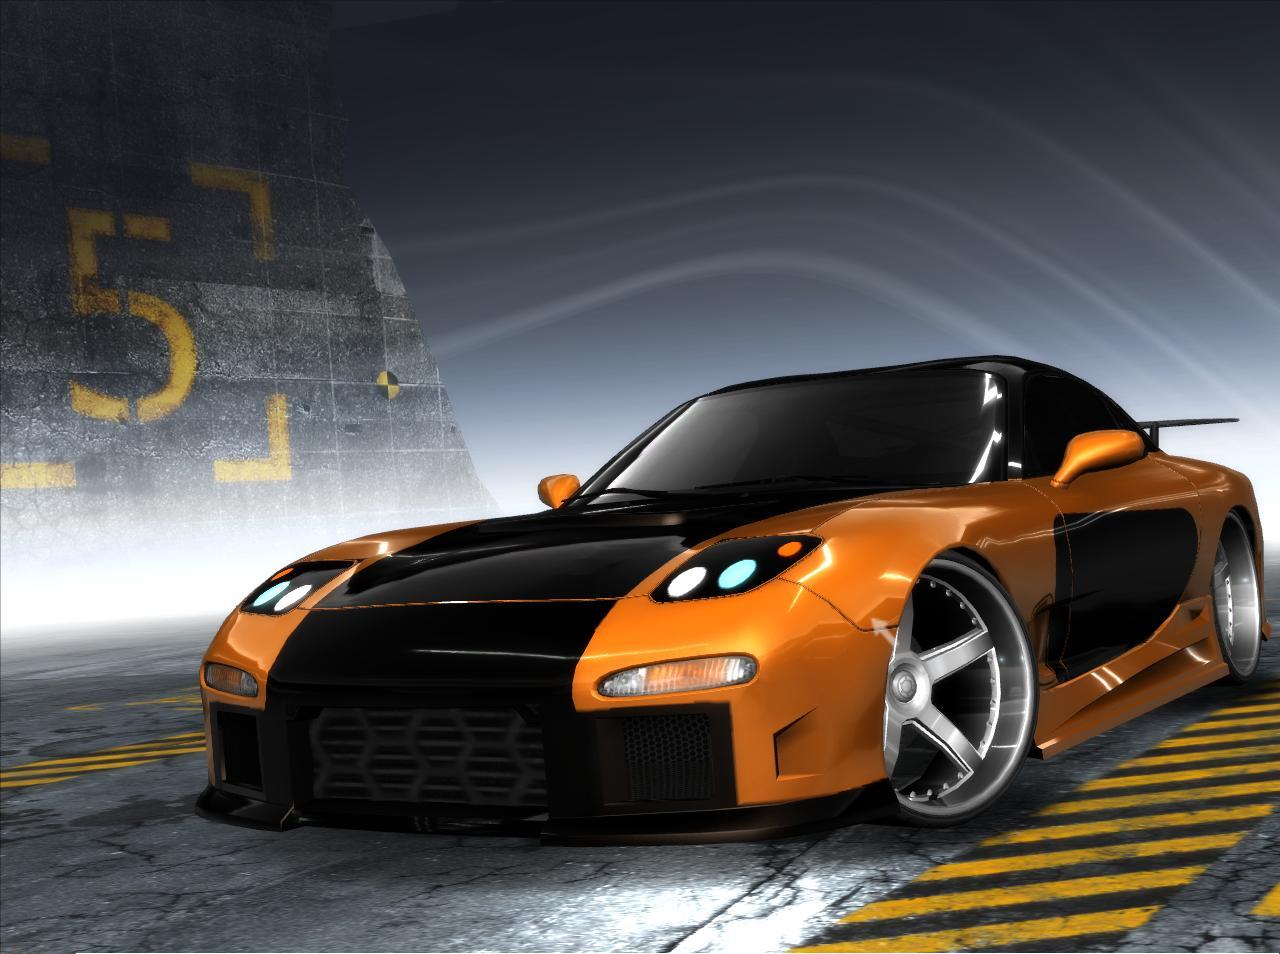 URL httpimagescicomtokyo drift hans car 6345 hd wallpapershtml 1280x954